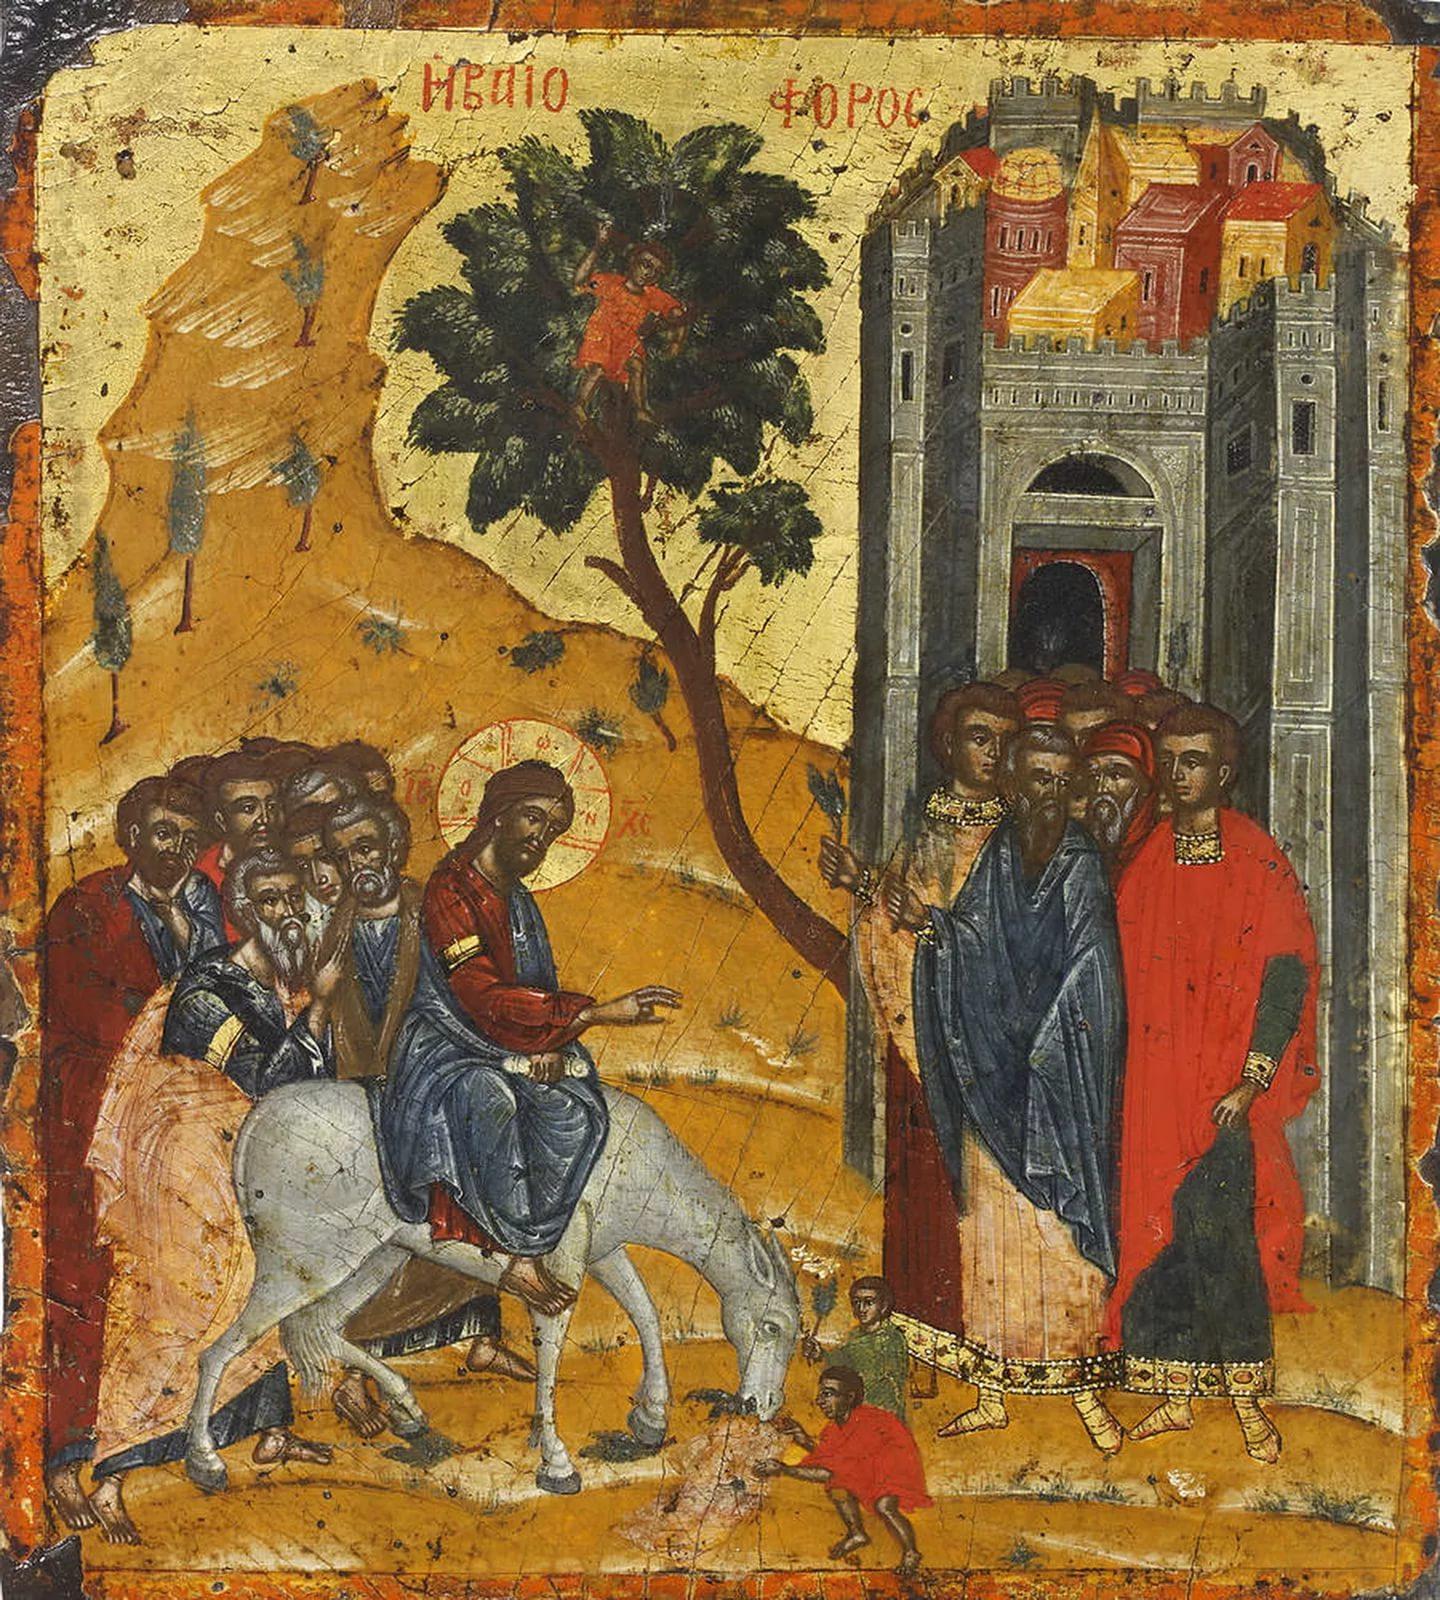 Вход Господень во Иеросалим - Вербное Воскресение